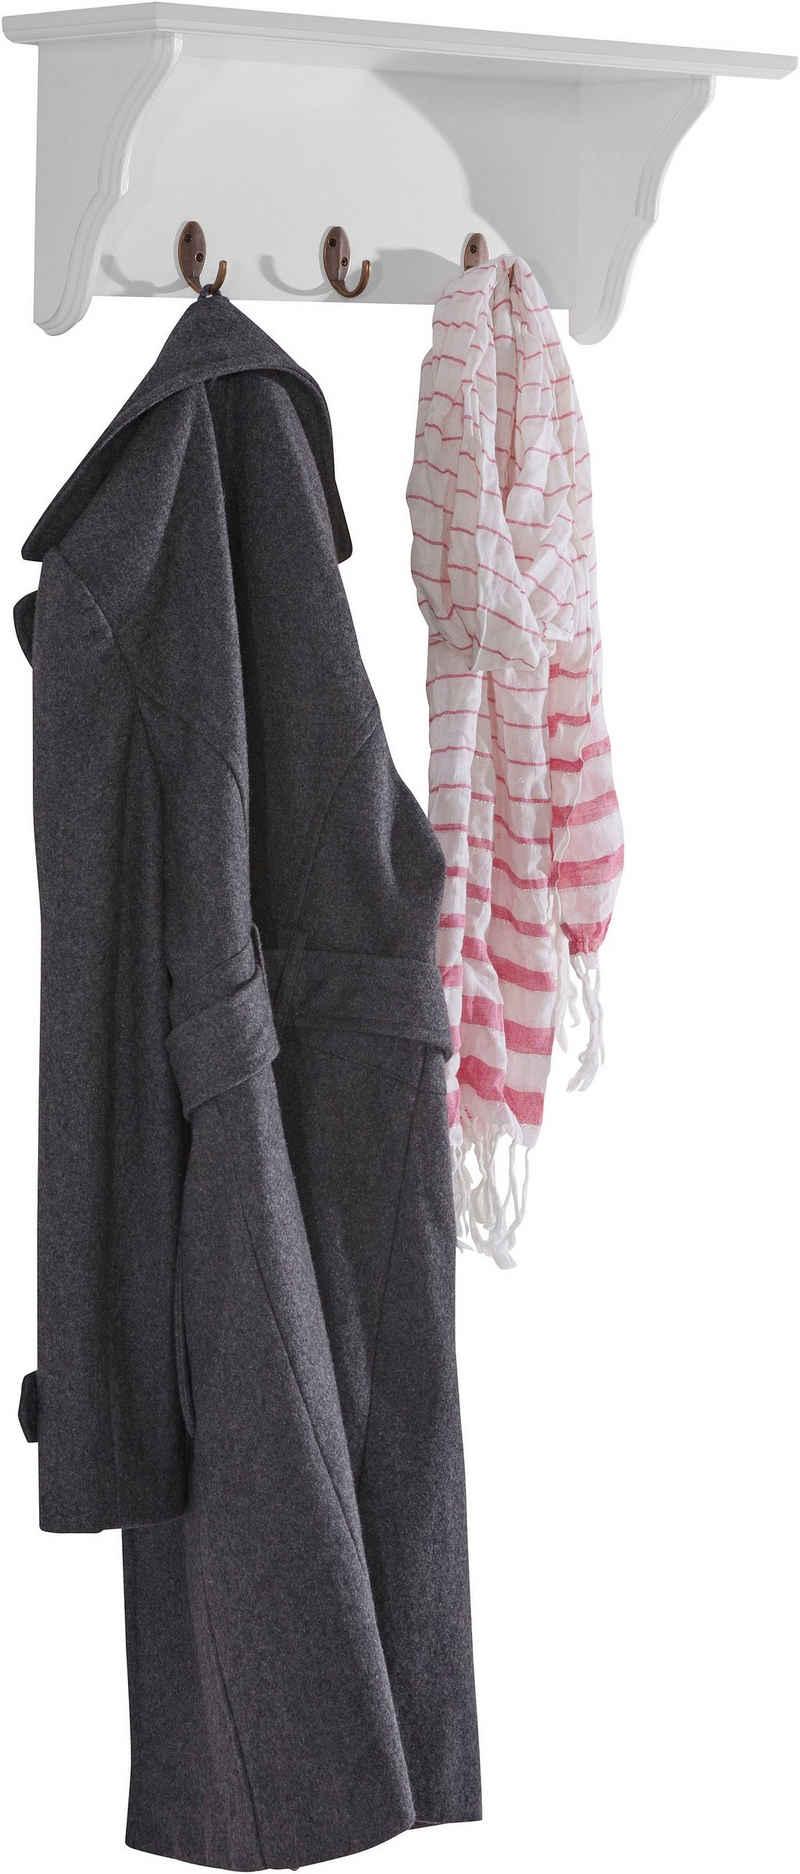 Home affaire Garderobenleiste, mit 3 Kleiderhaken